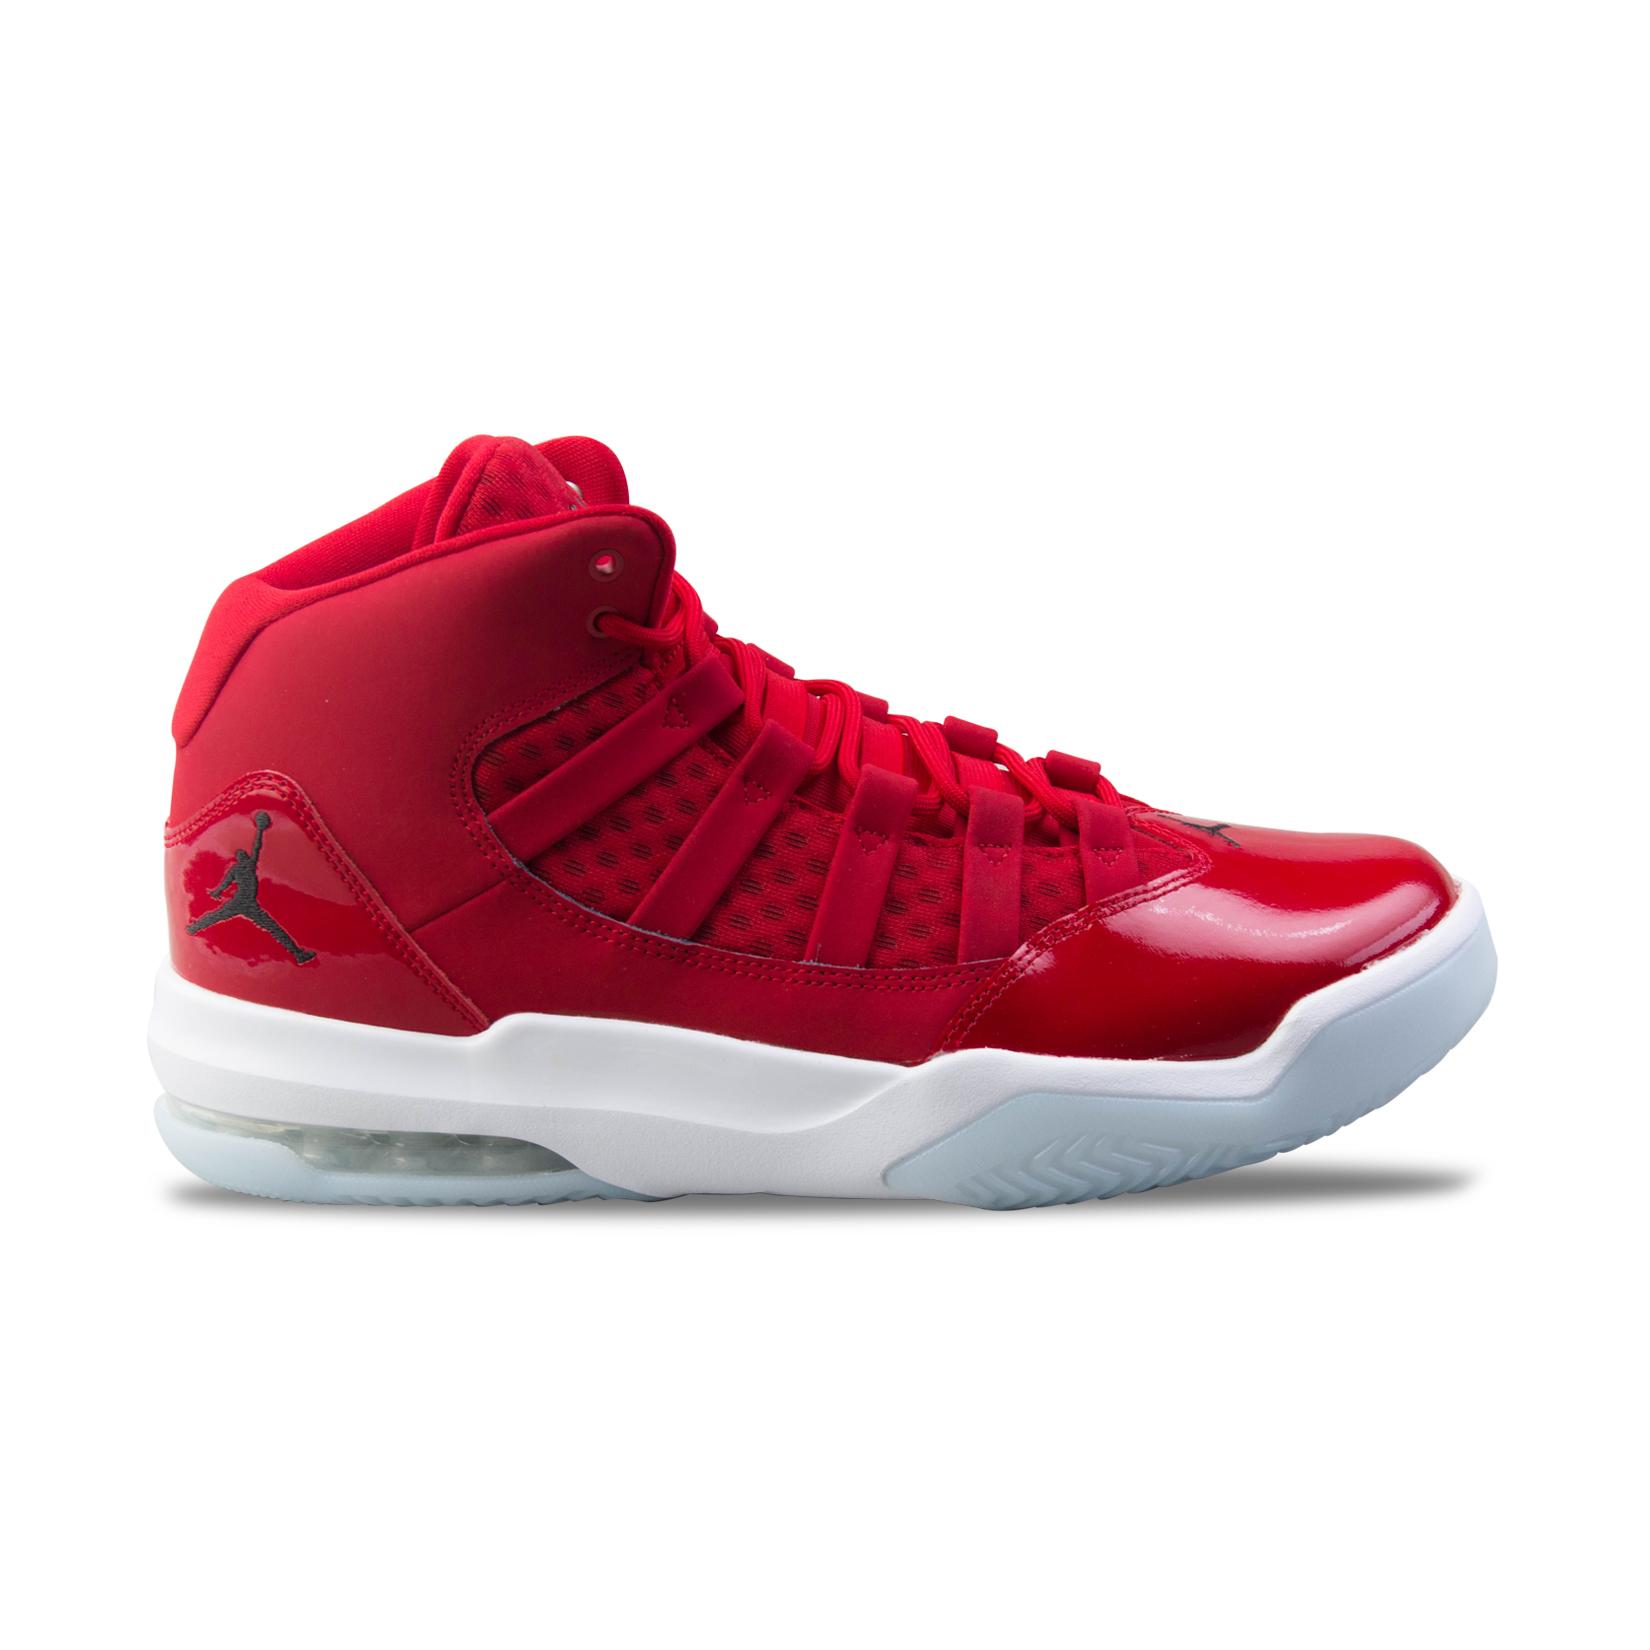 Jordan Max Aura Gym Red